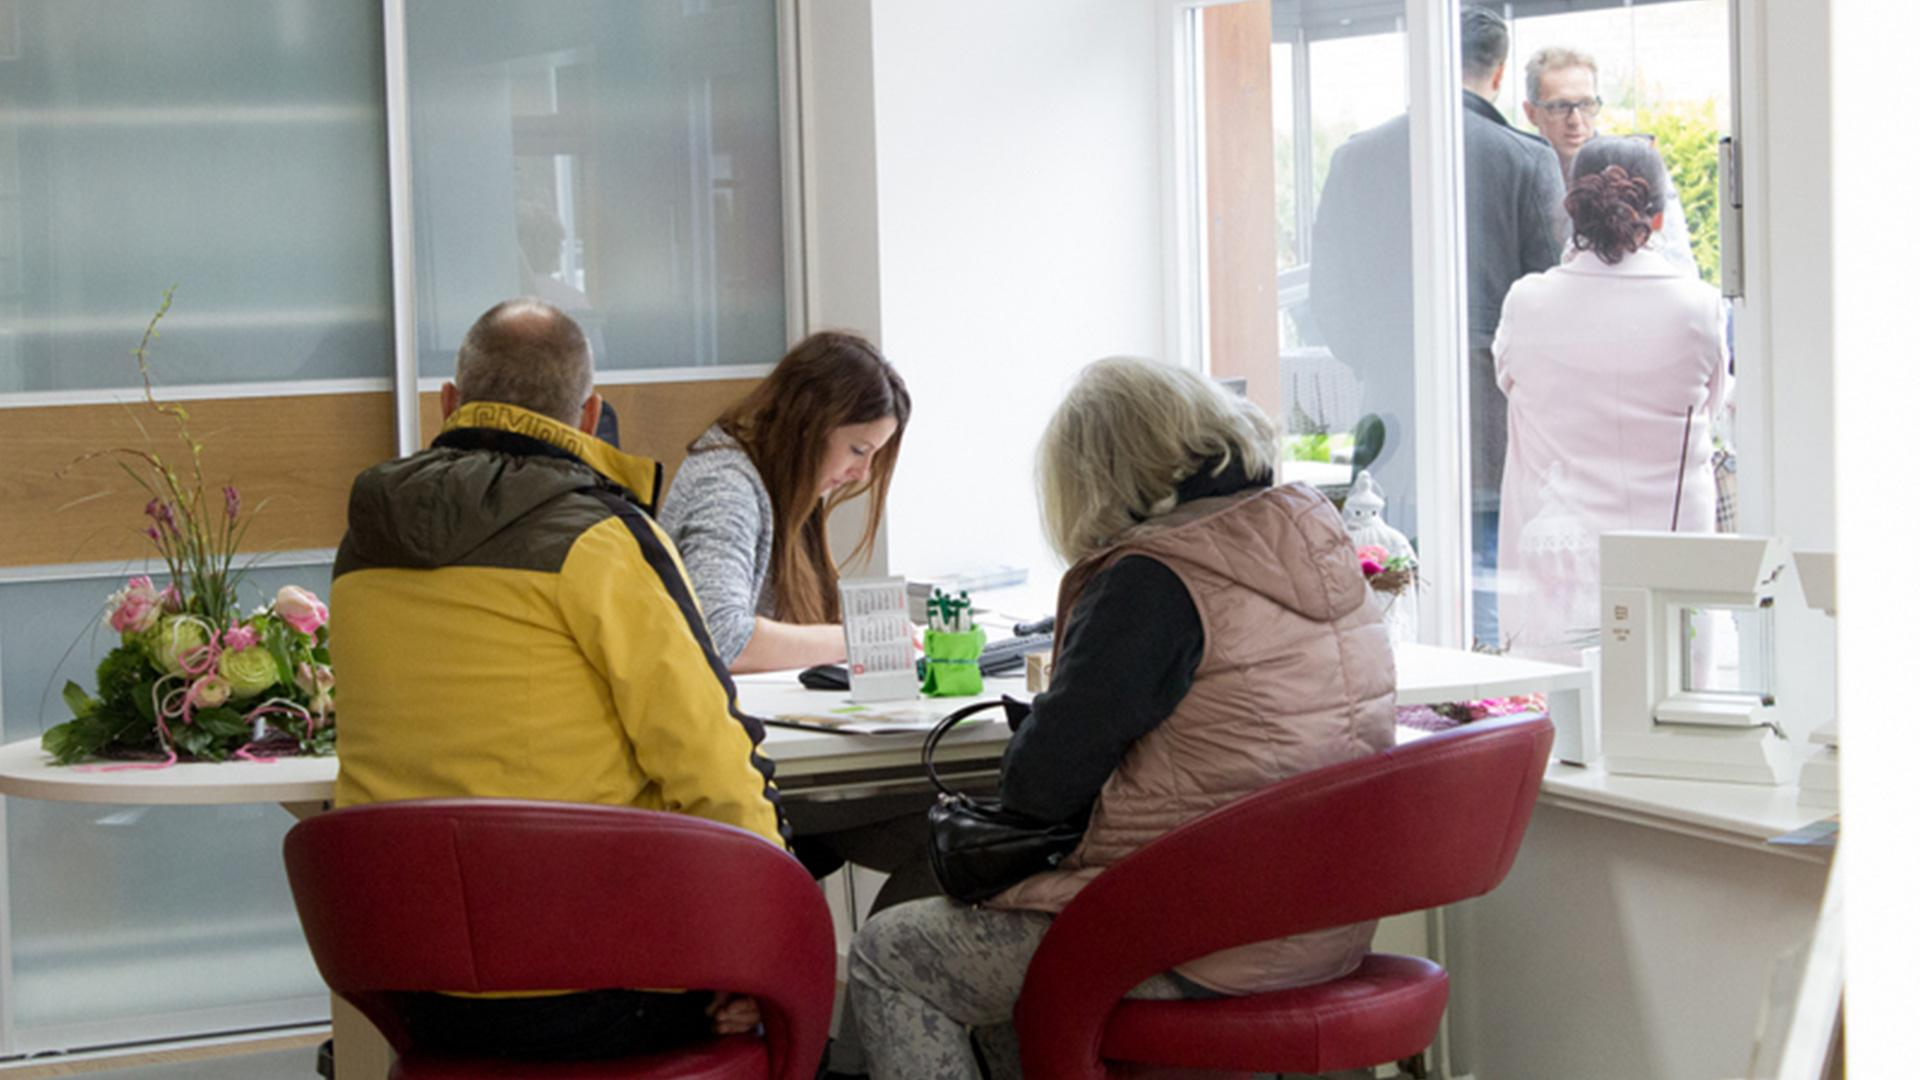 zwei Personen bei der Beratung bei Josefine Heinsius in der Ausstellung der Tischlerei Gleue in Lindwedel